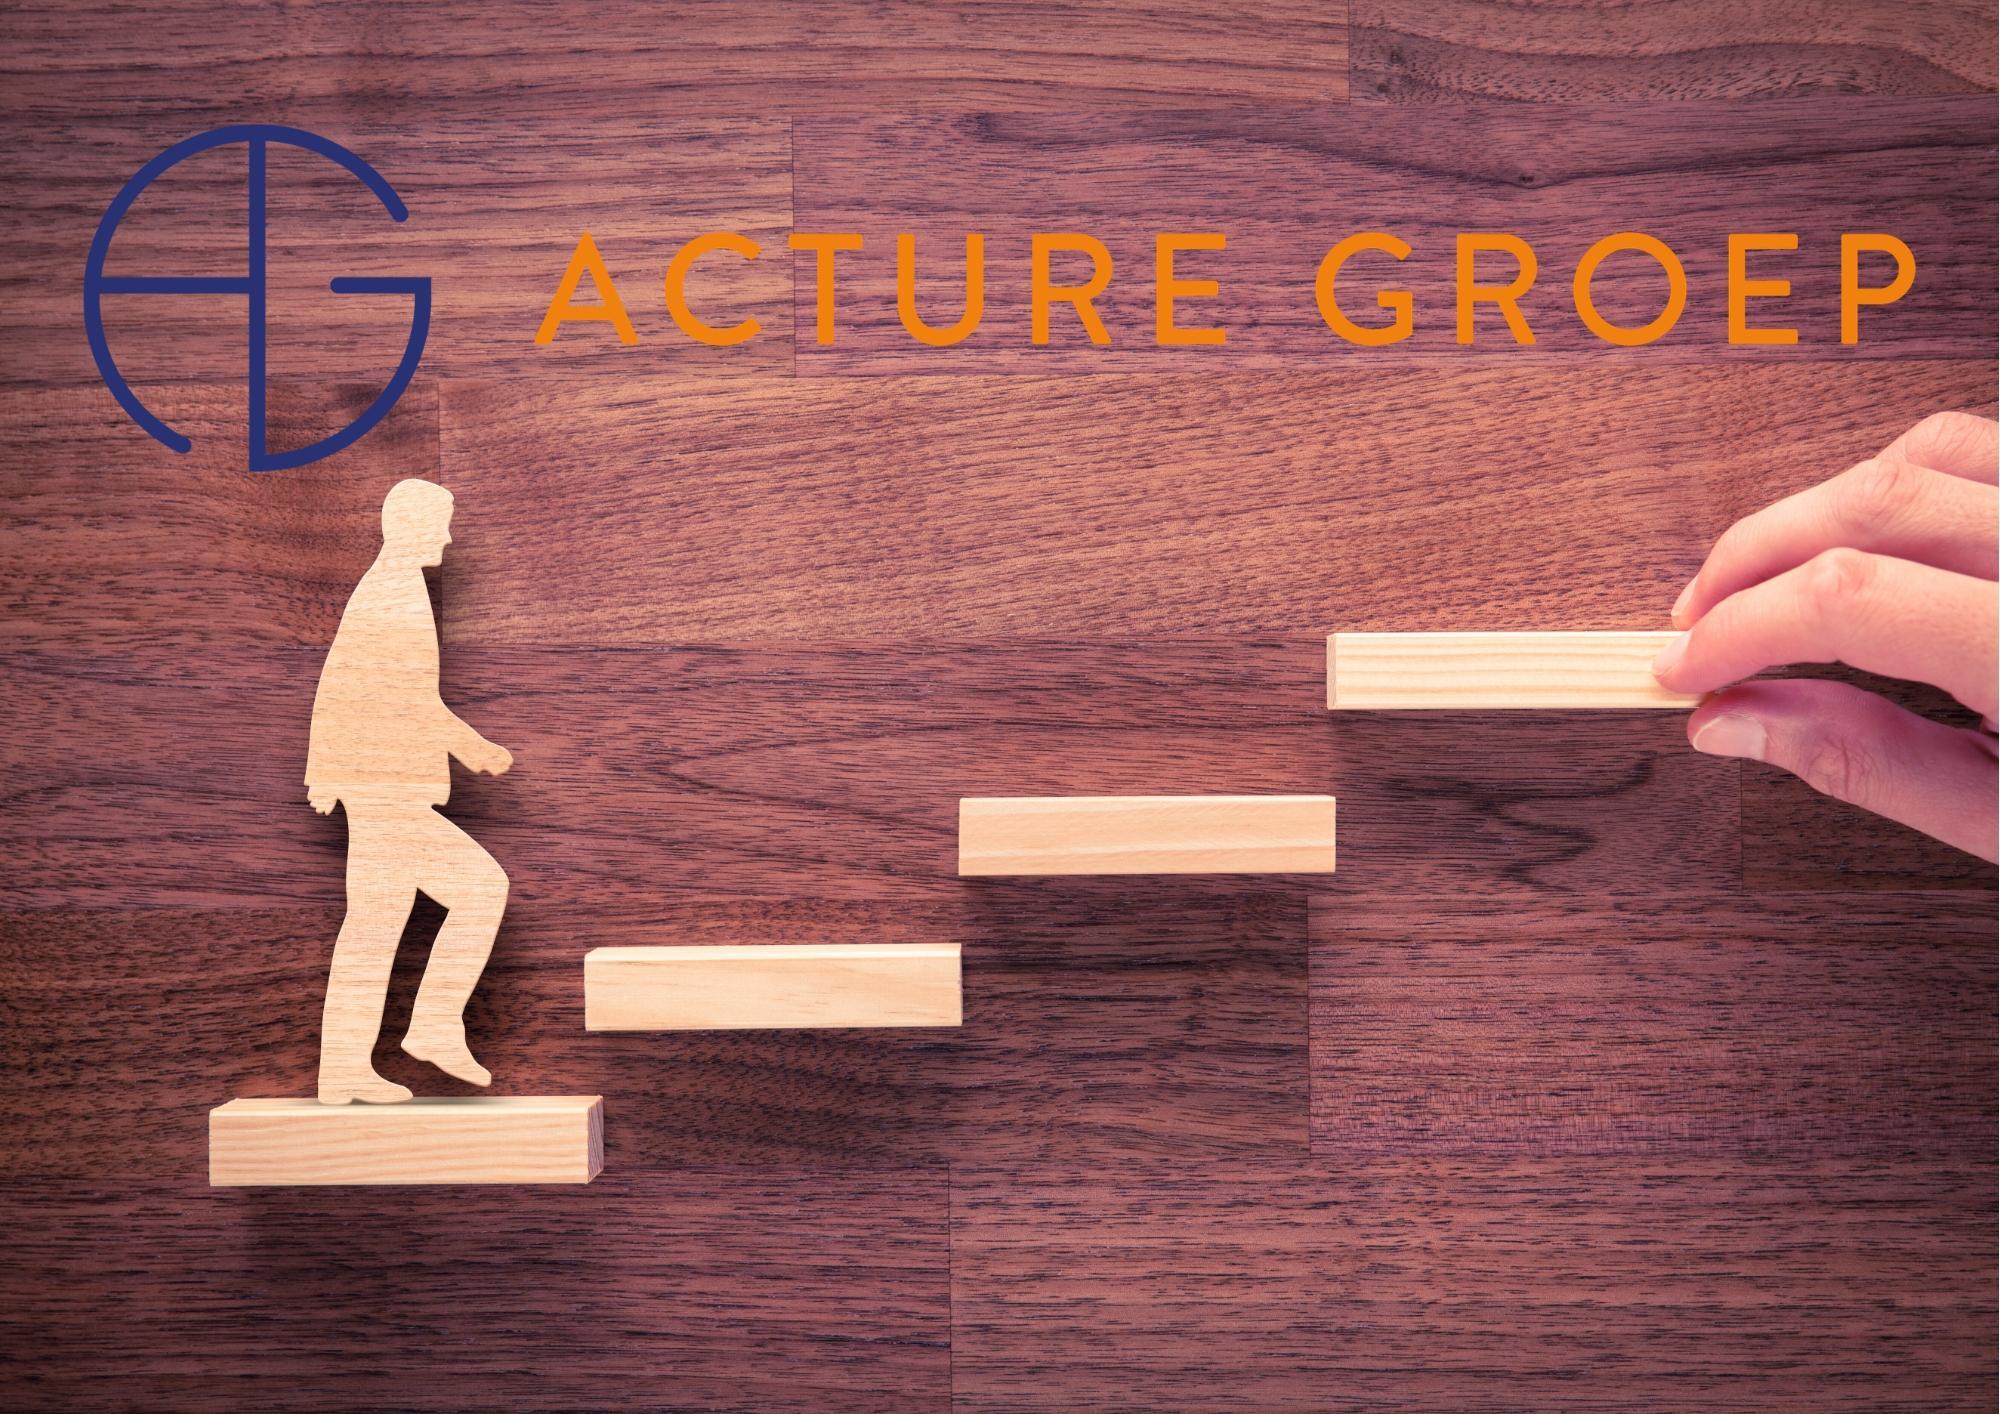 Acture Groep maakt nieuwe investeerder bekend